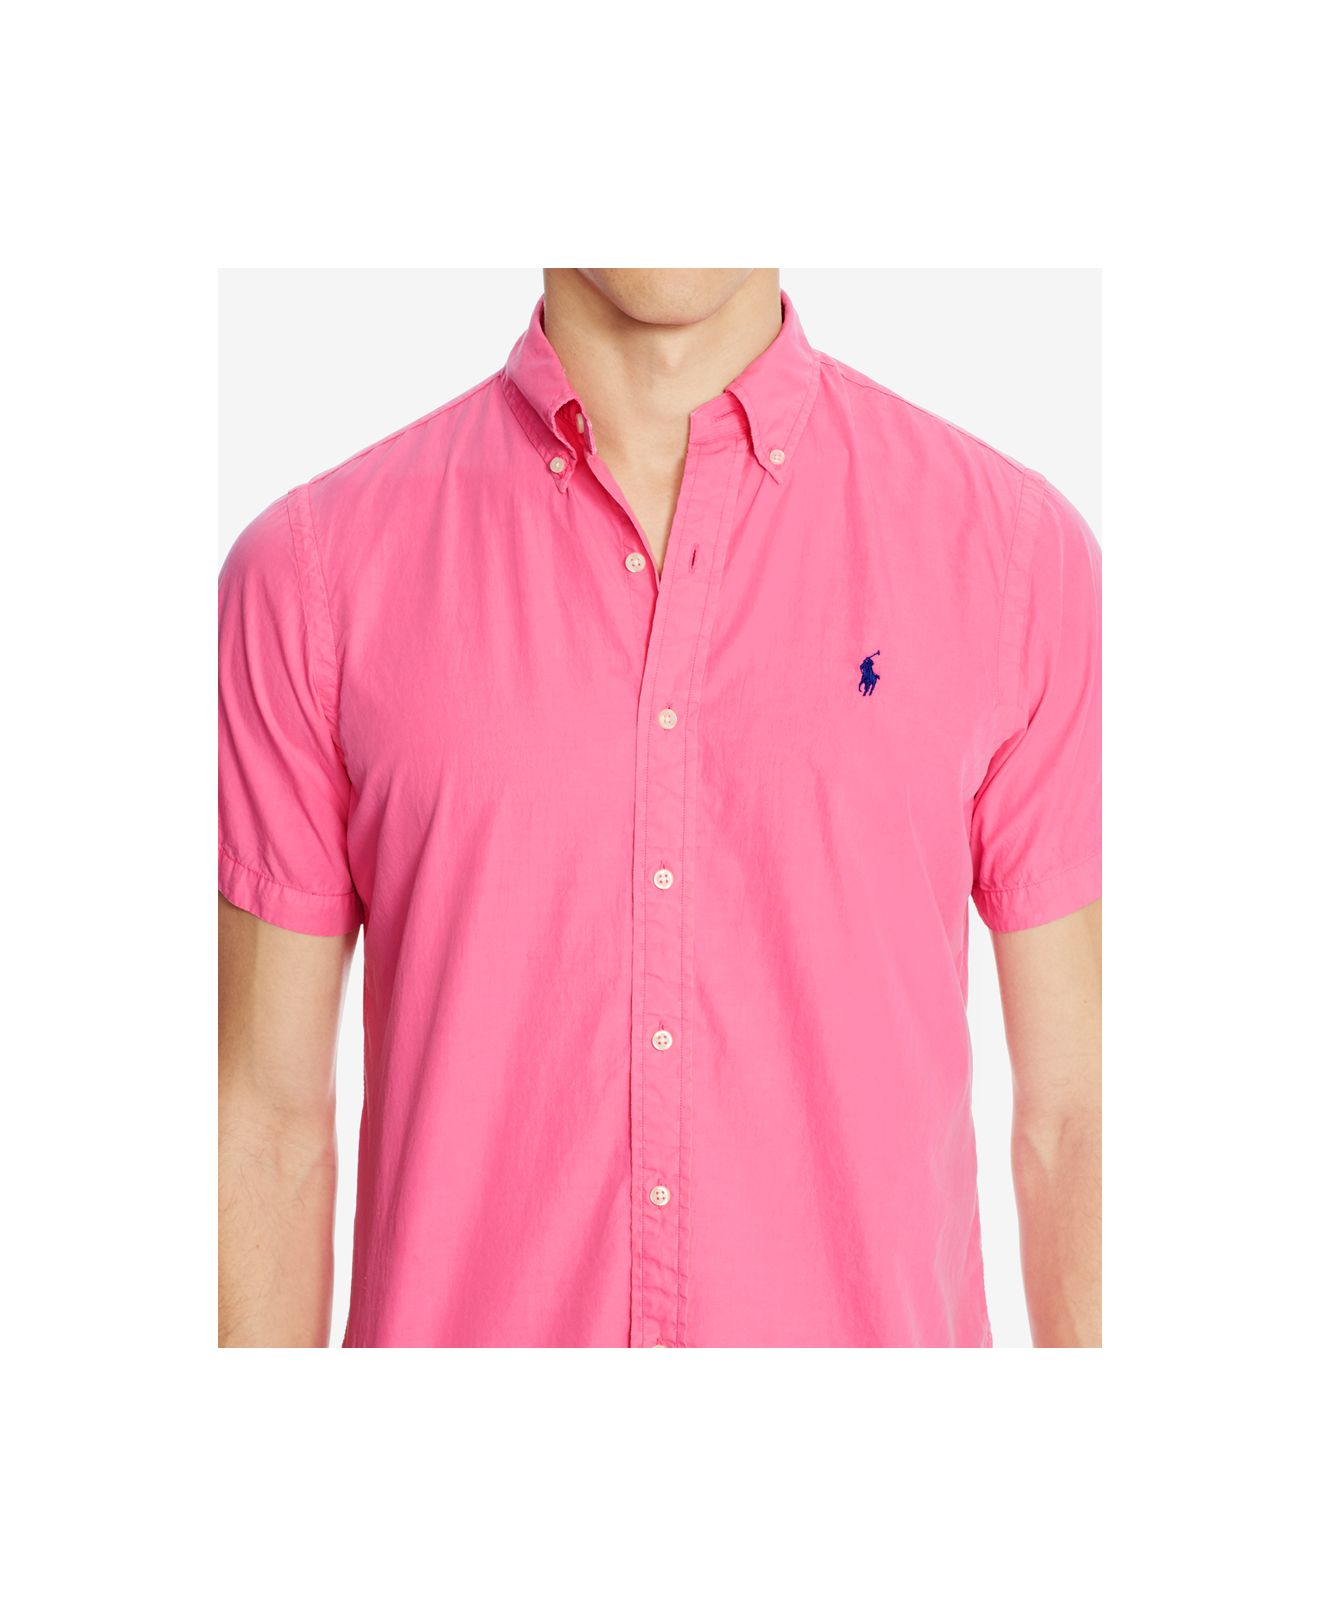 Polo Ralph Lauren Short Sleeve Silk Shirt In Pink For Men